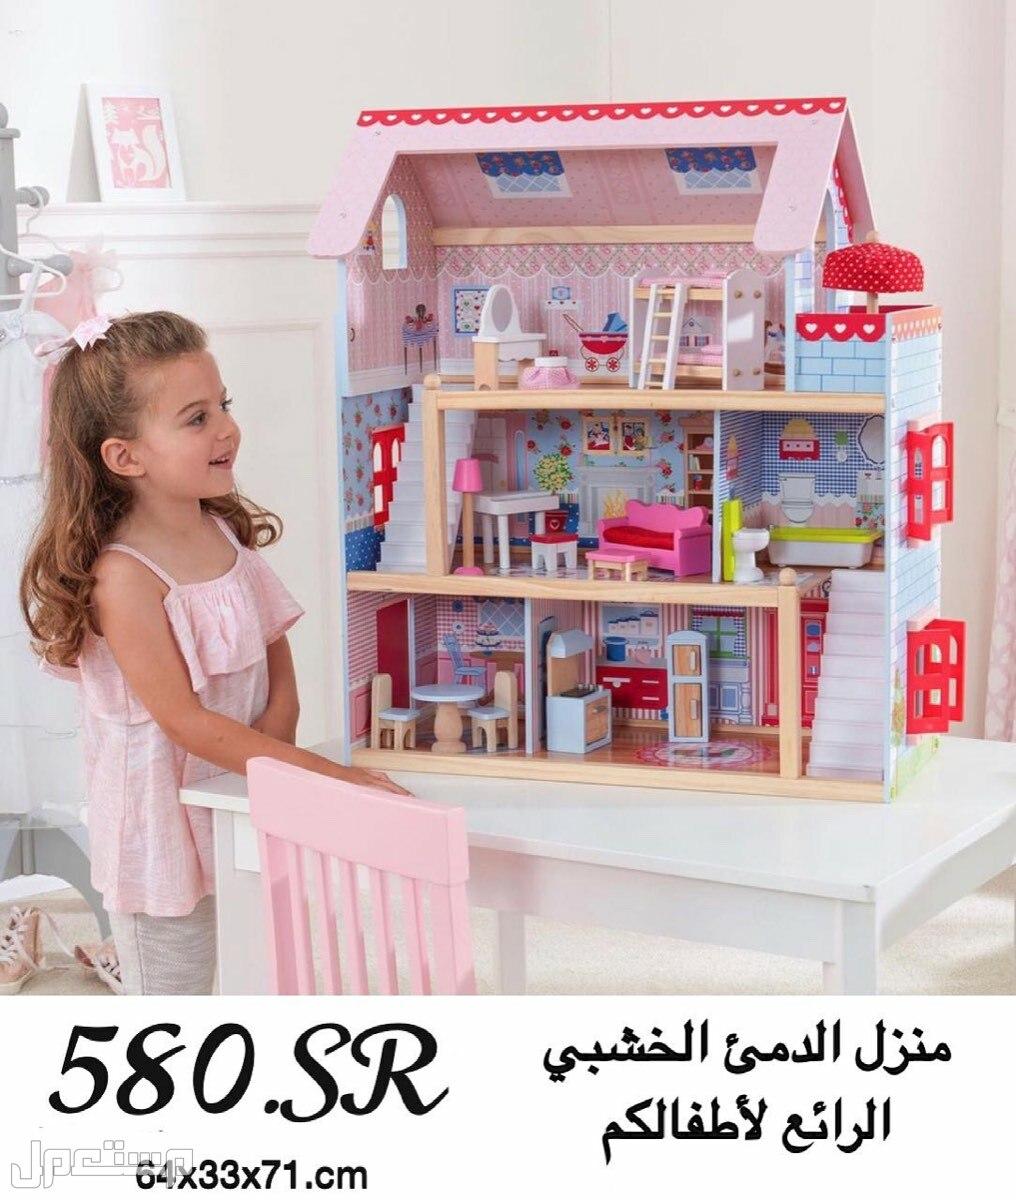 بيت اطفال خشبي